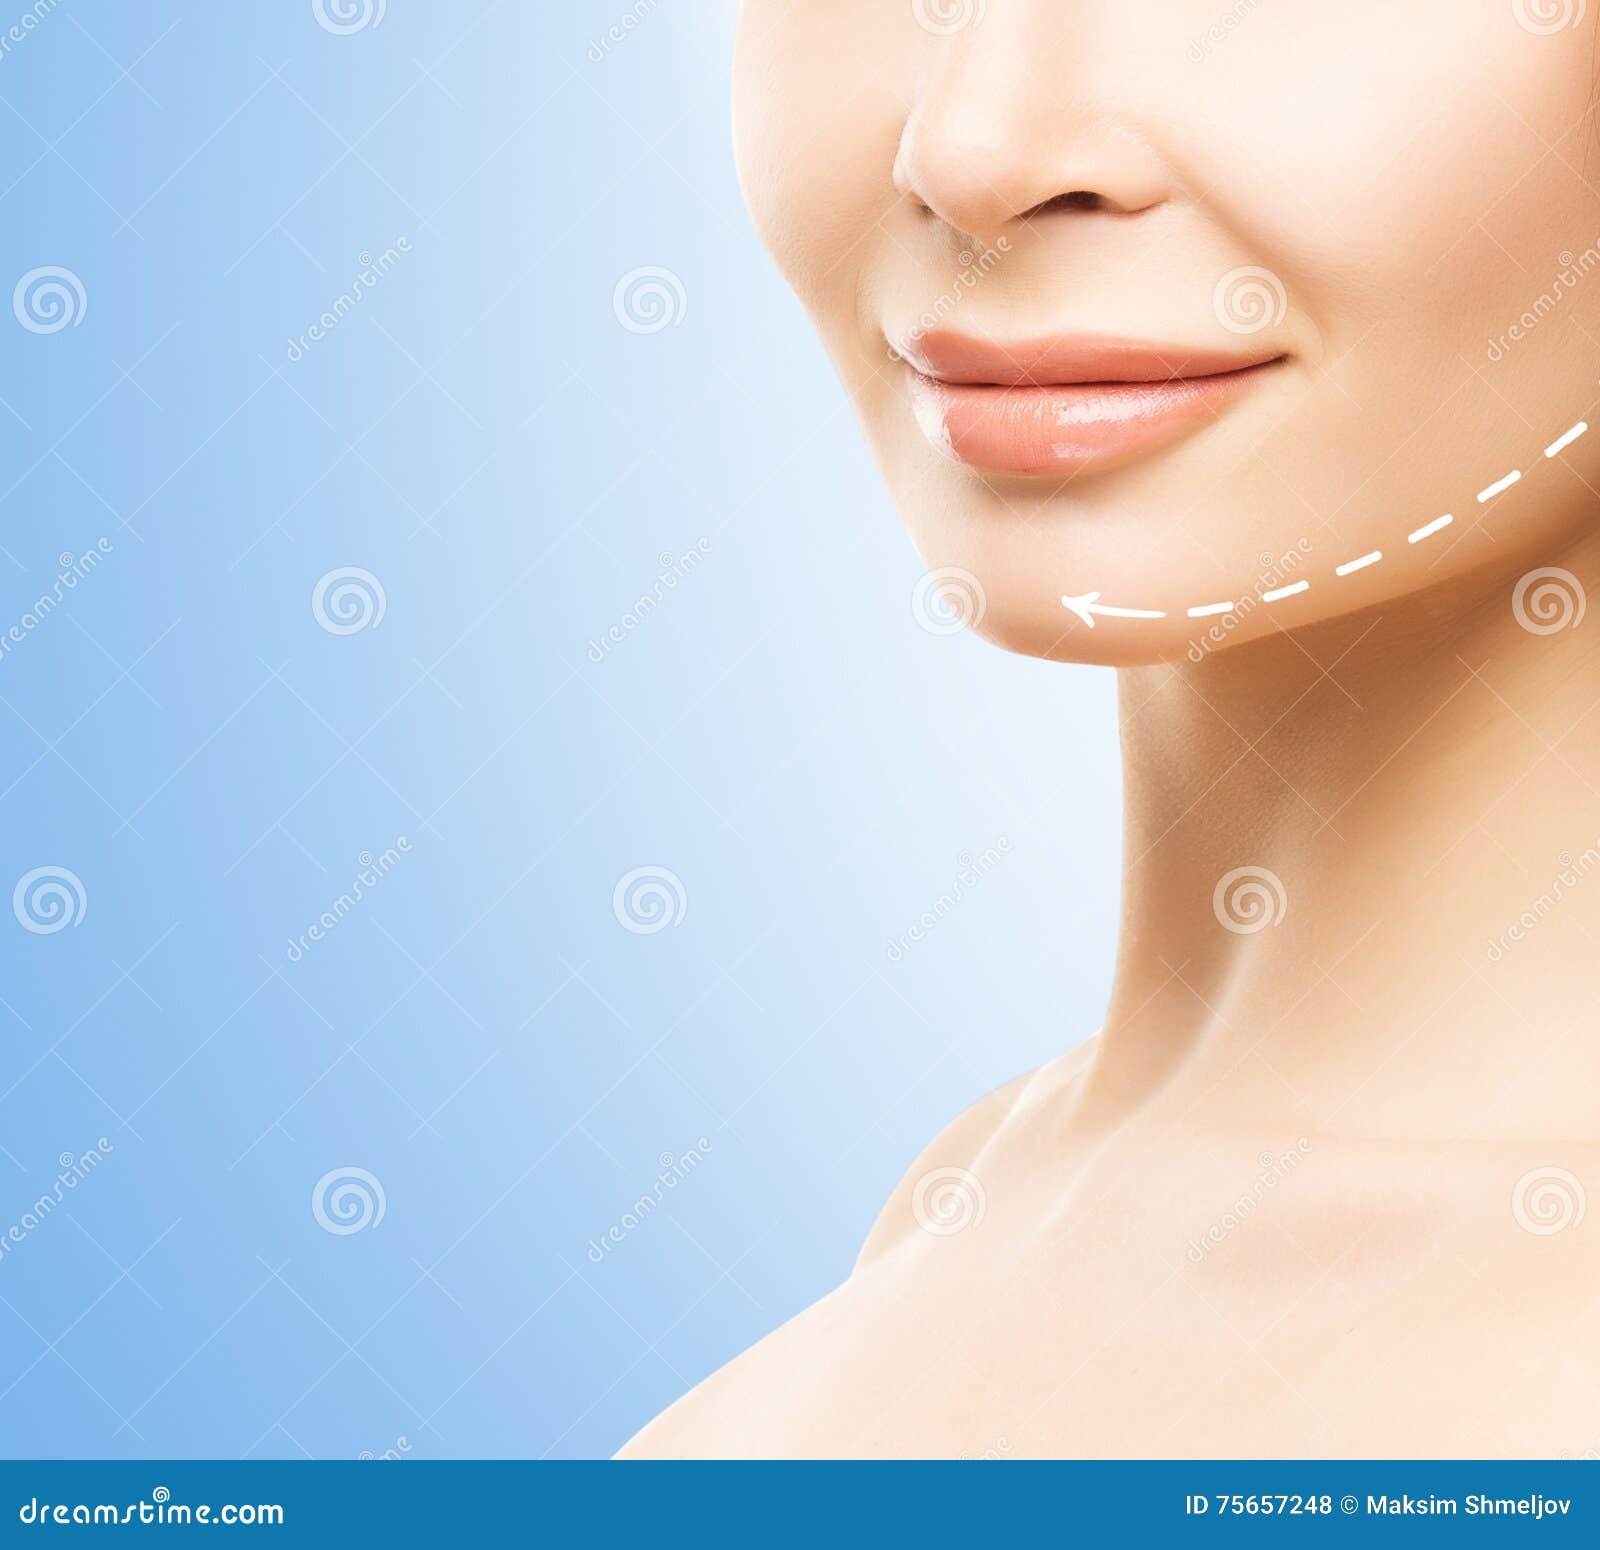 Portret van het close-up het halve gezicht van een jonge, aantrekkelijke vrouw